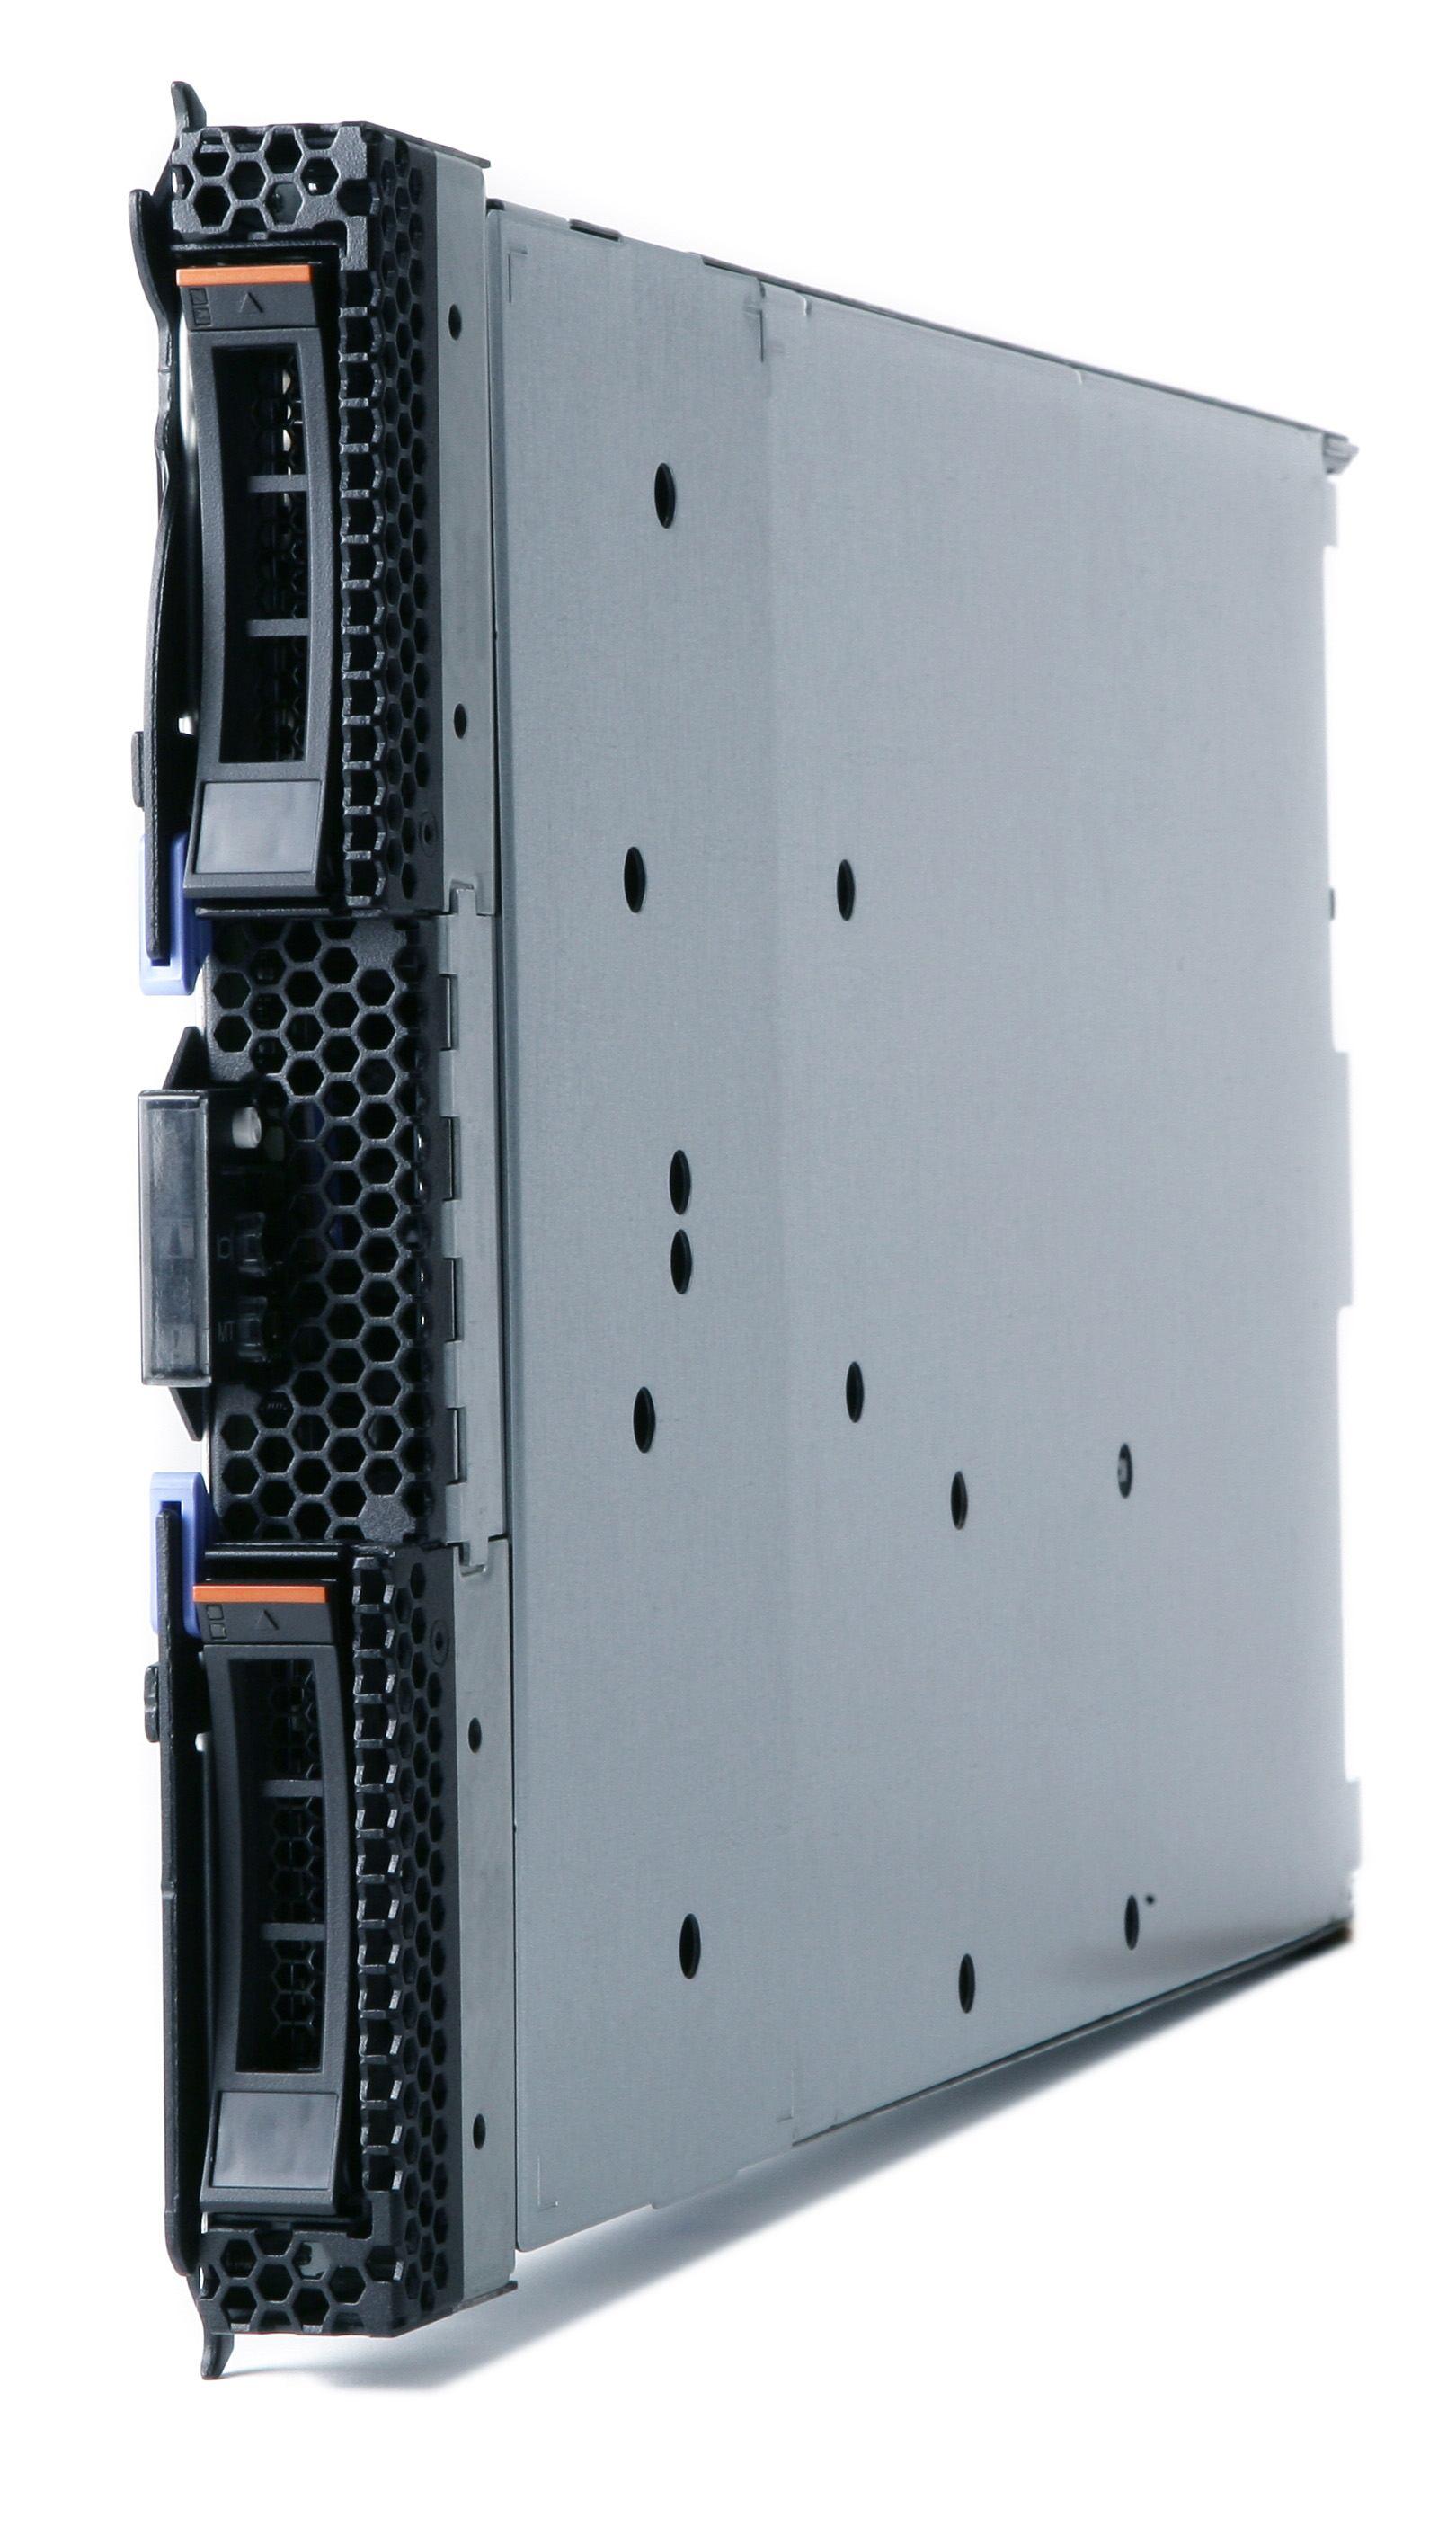 IBM BLADECENTER HS22 DRIVER